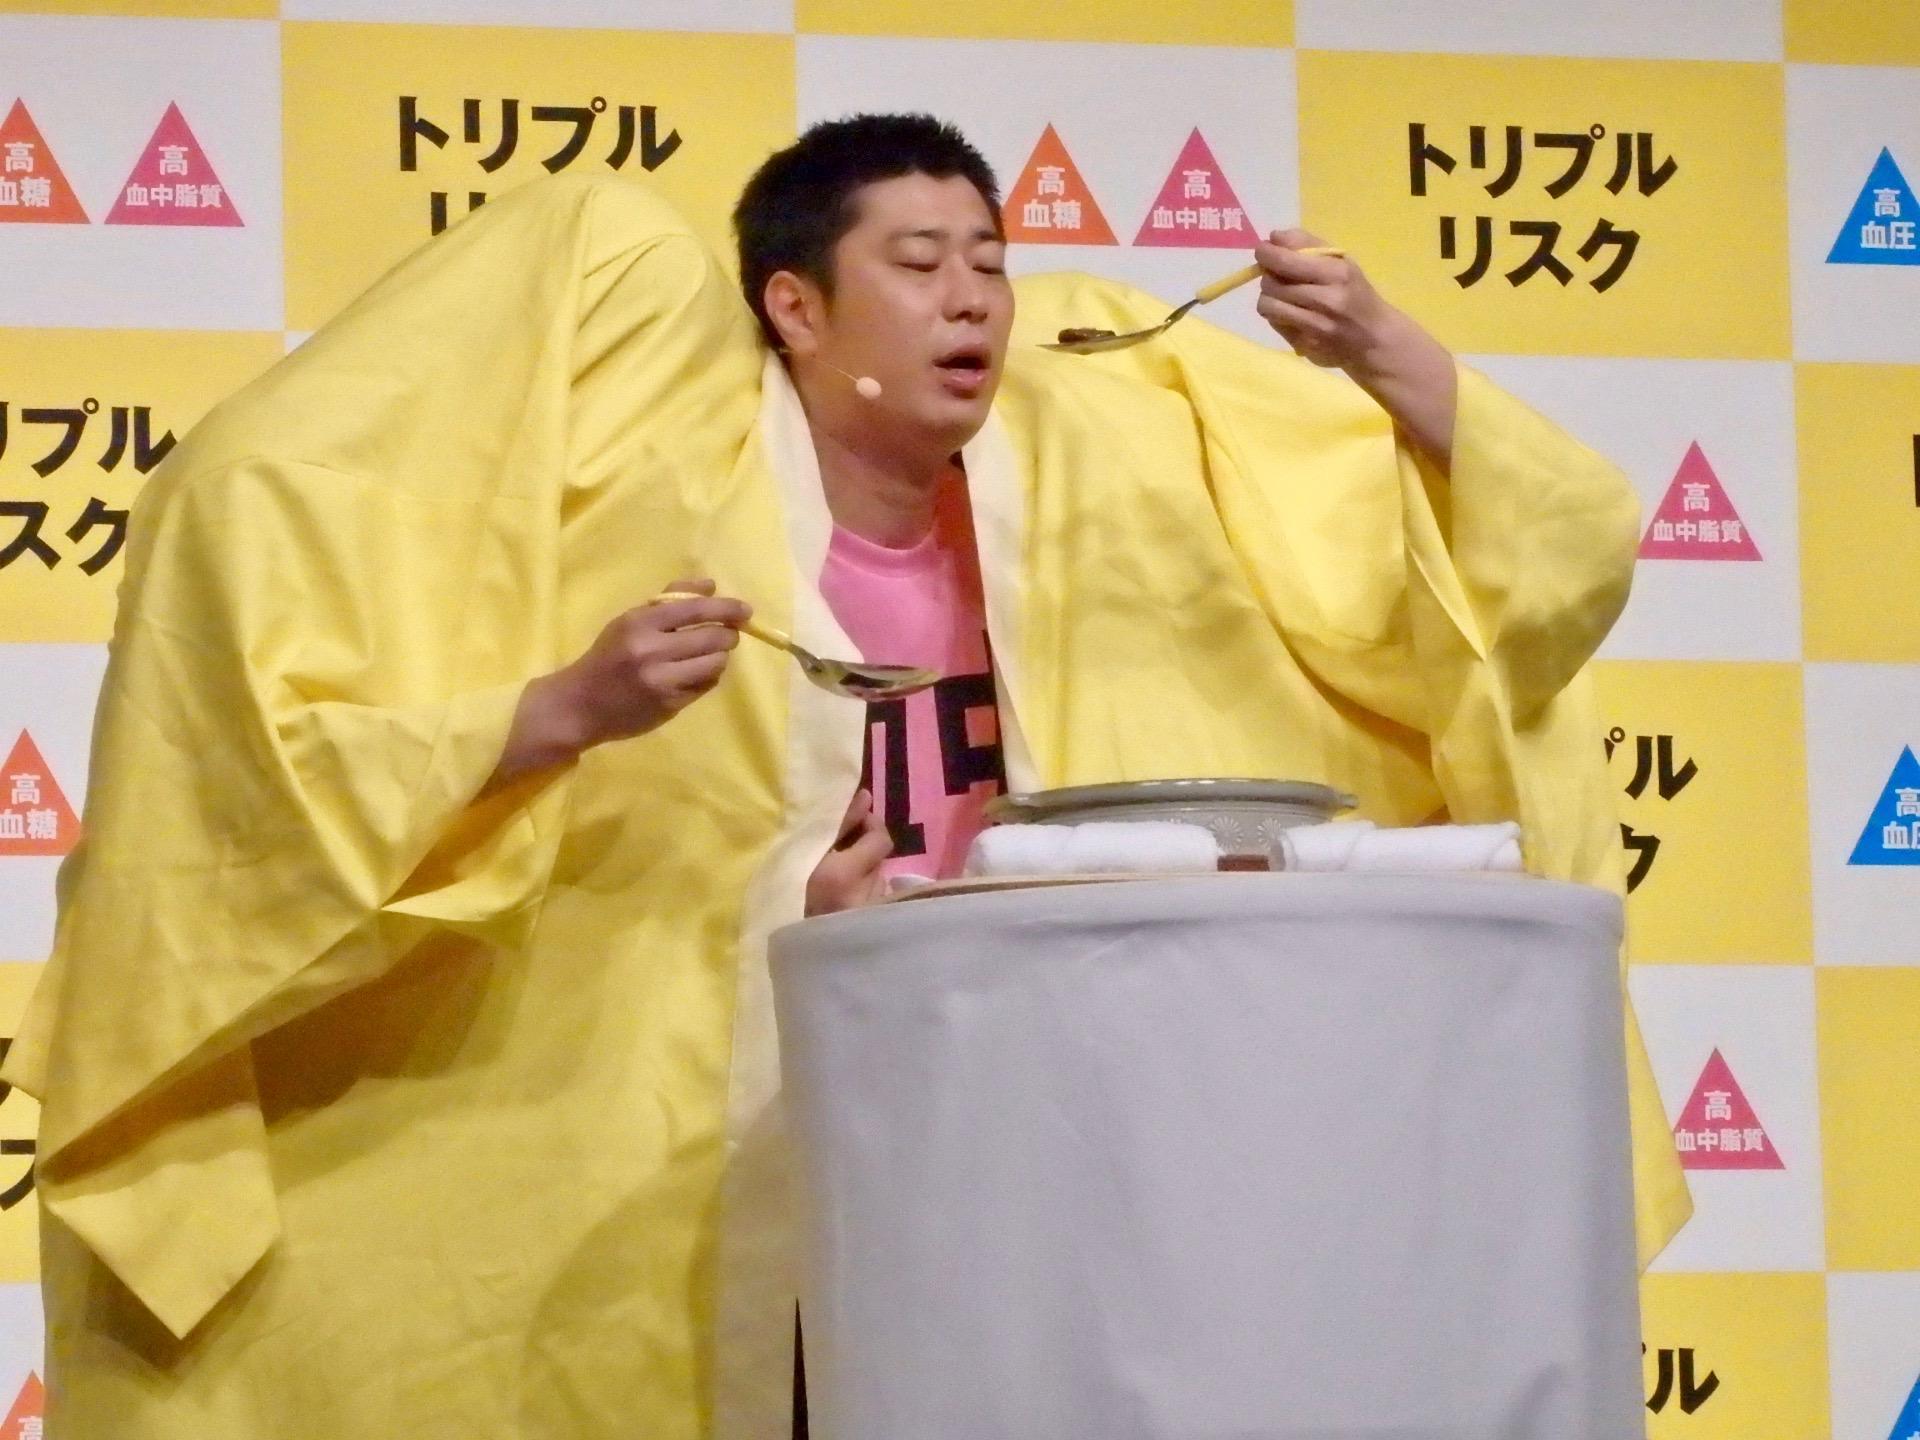 http://news.yoshimoto.co.jp/20180227231211-6fbc402e97c0cd9e23aa96d7c59bef1b0cc85749.jpg